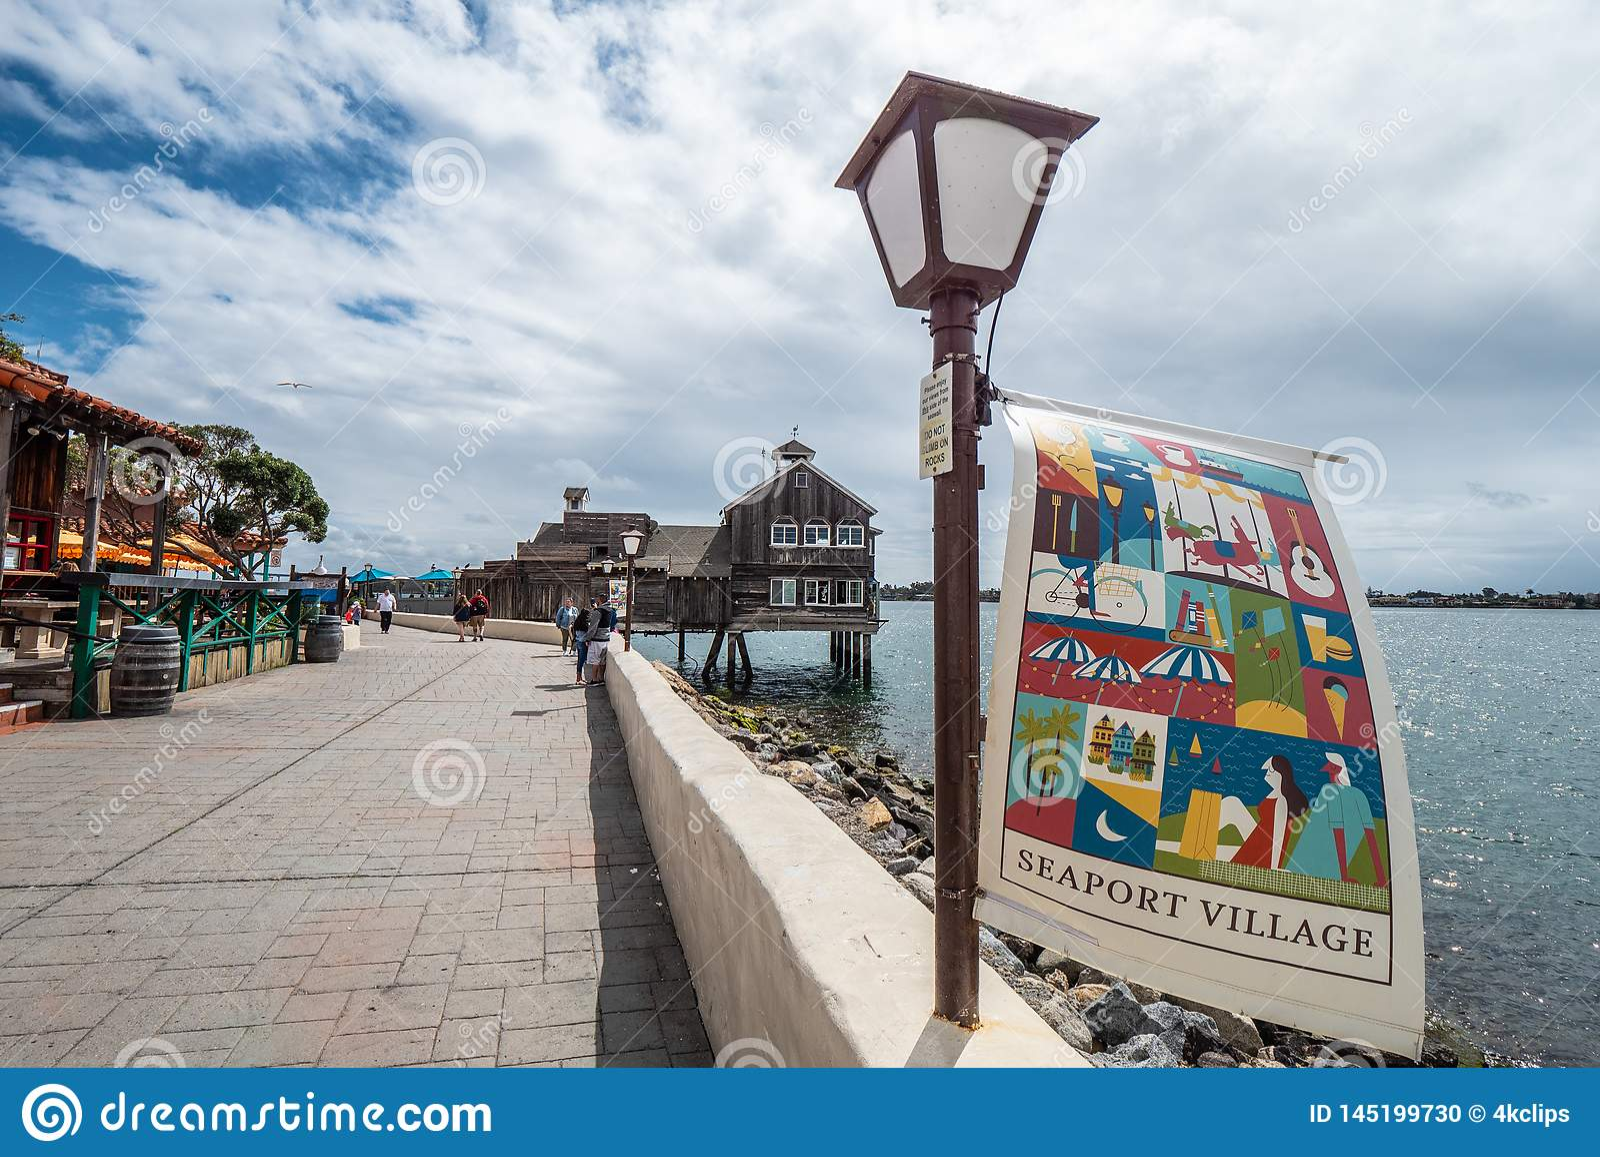 San Diego Seaport Village Park - KALIFORNIEN, USA - MARS 18, 2019